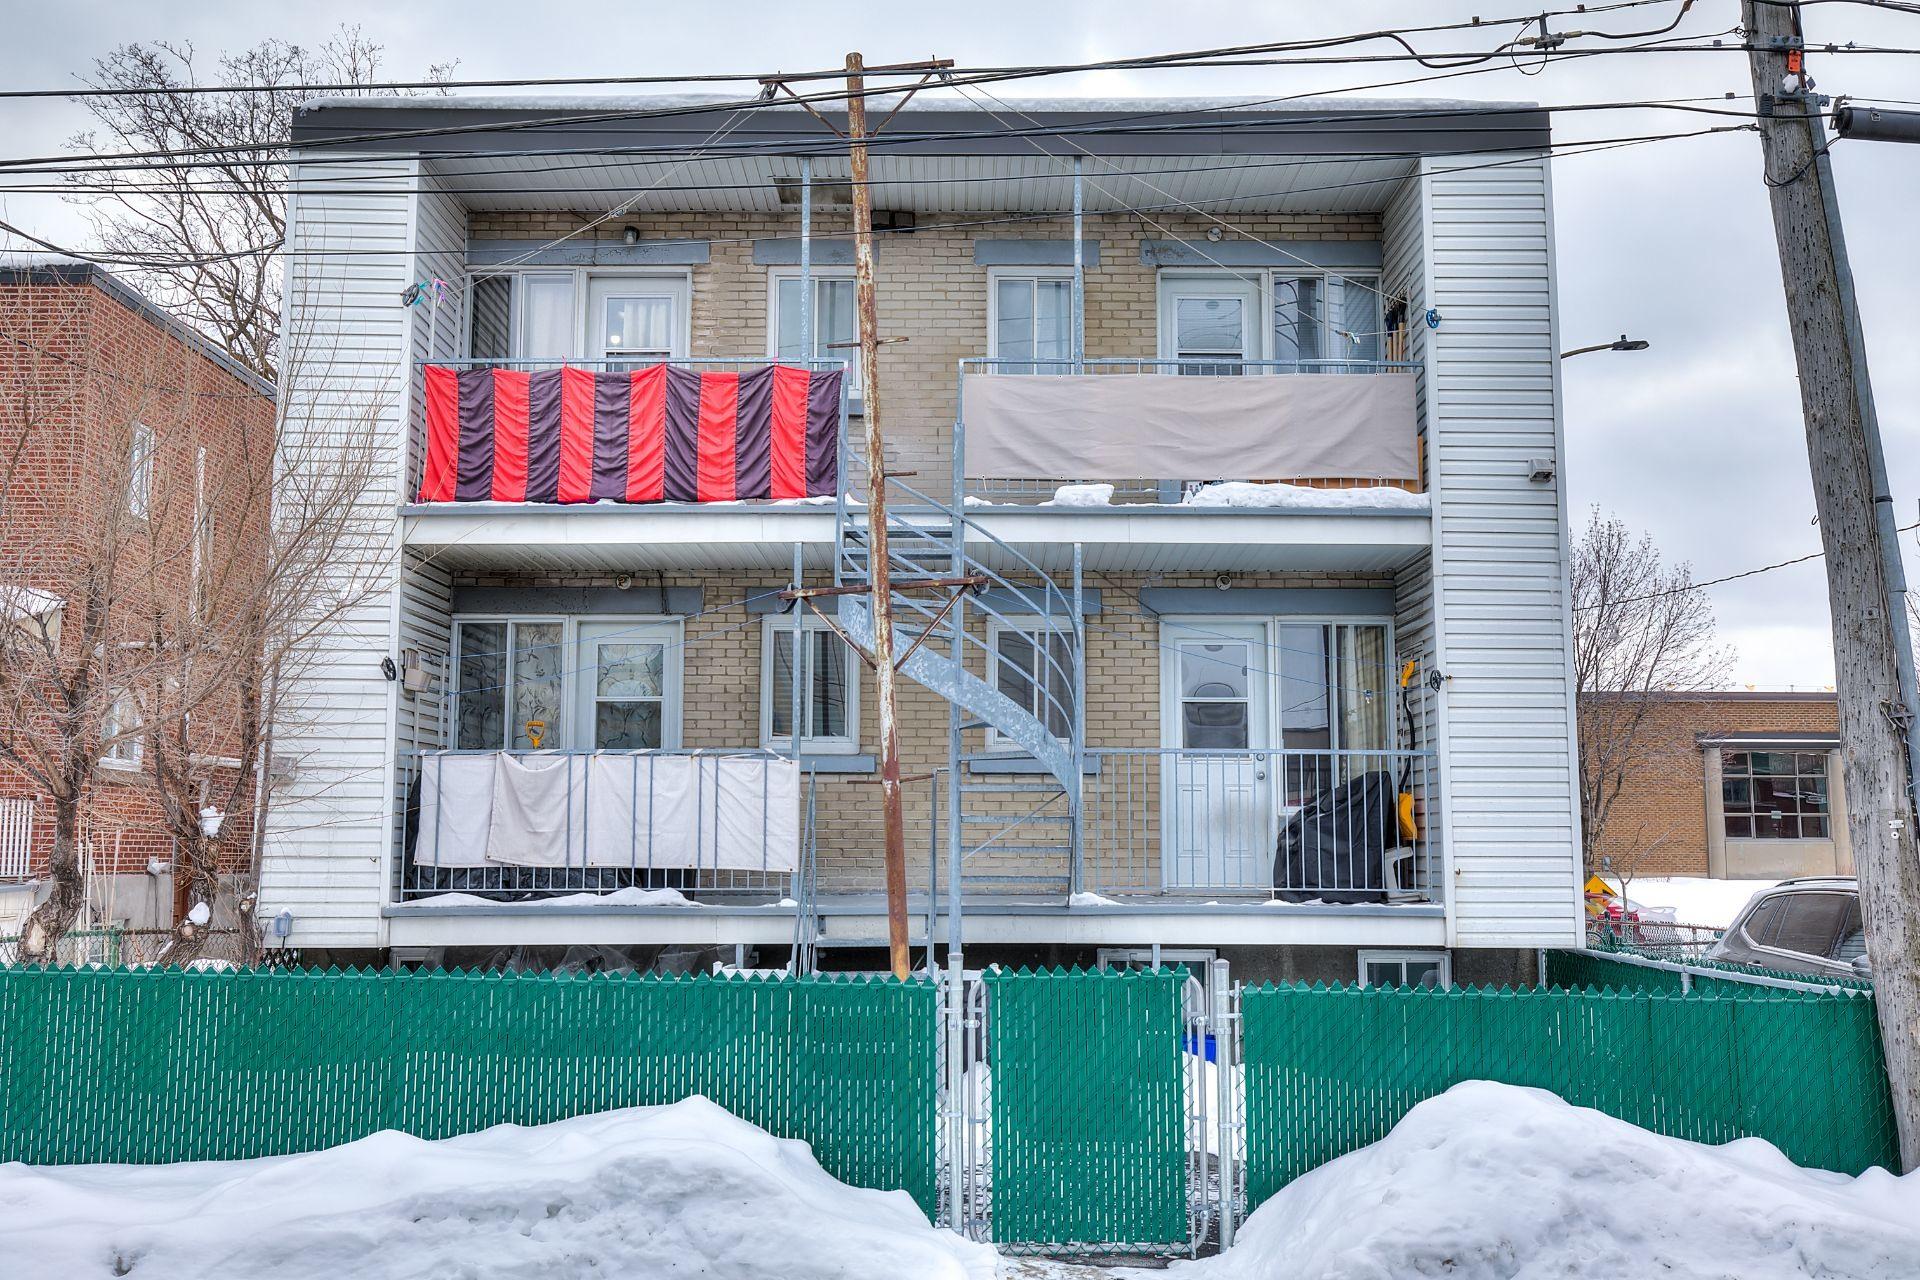 image 34 - Income property For sale Villeray/Saint-Michel/Parc-Extension Montréal  - 4 rooms